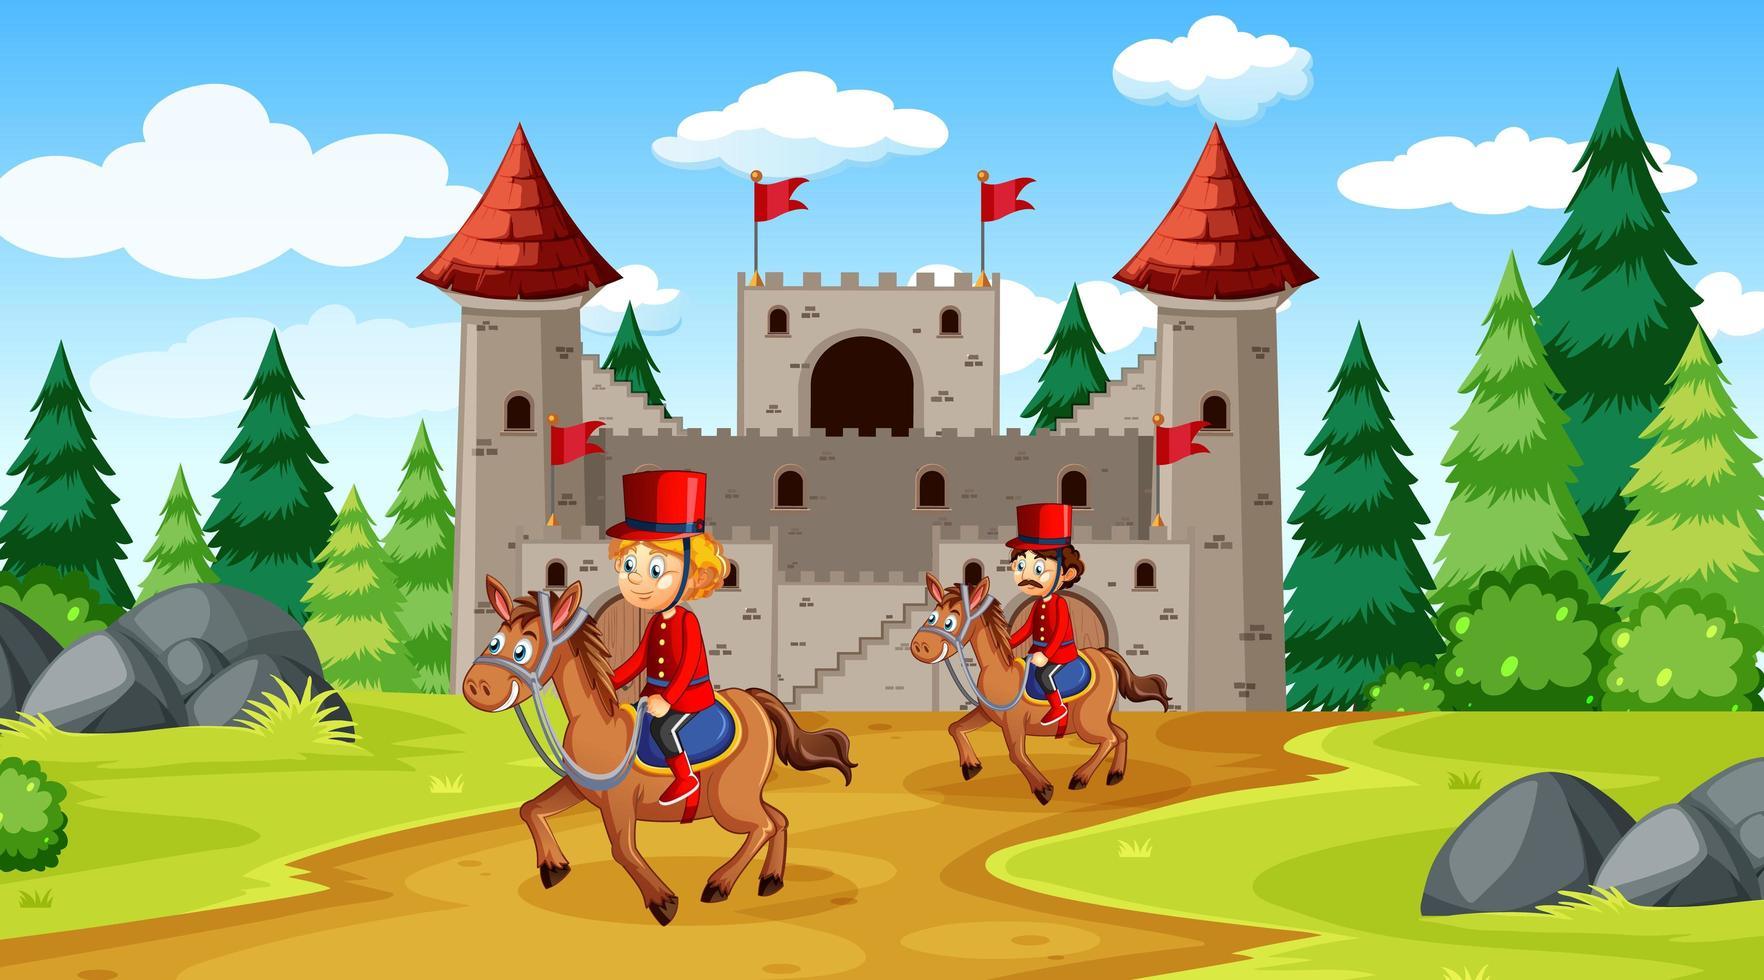 escena de cuento de hadas con castillo y soldado escena de la guardia real vector